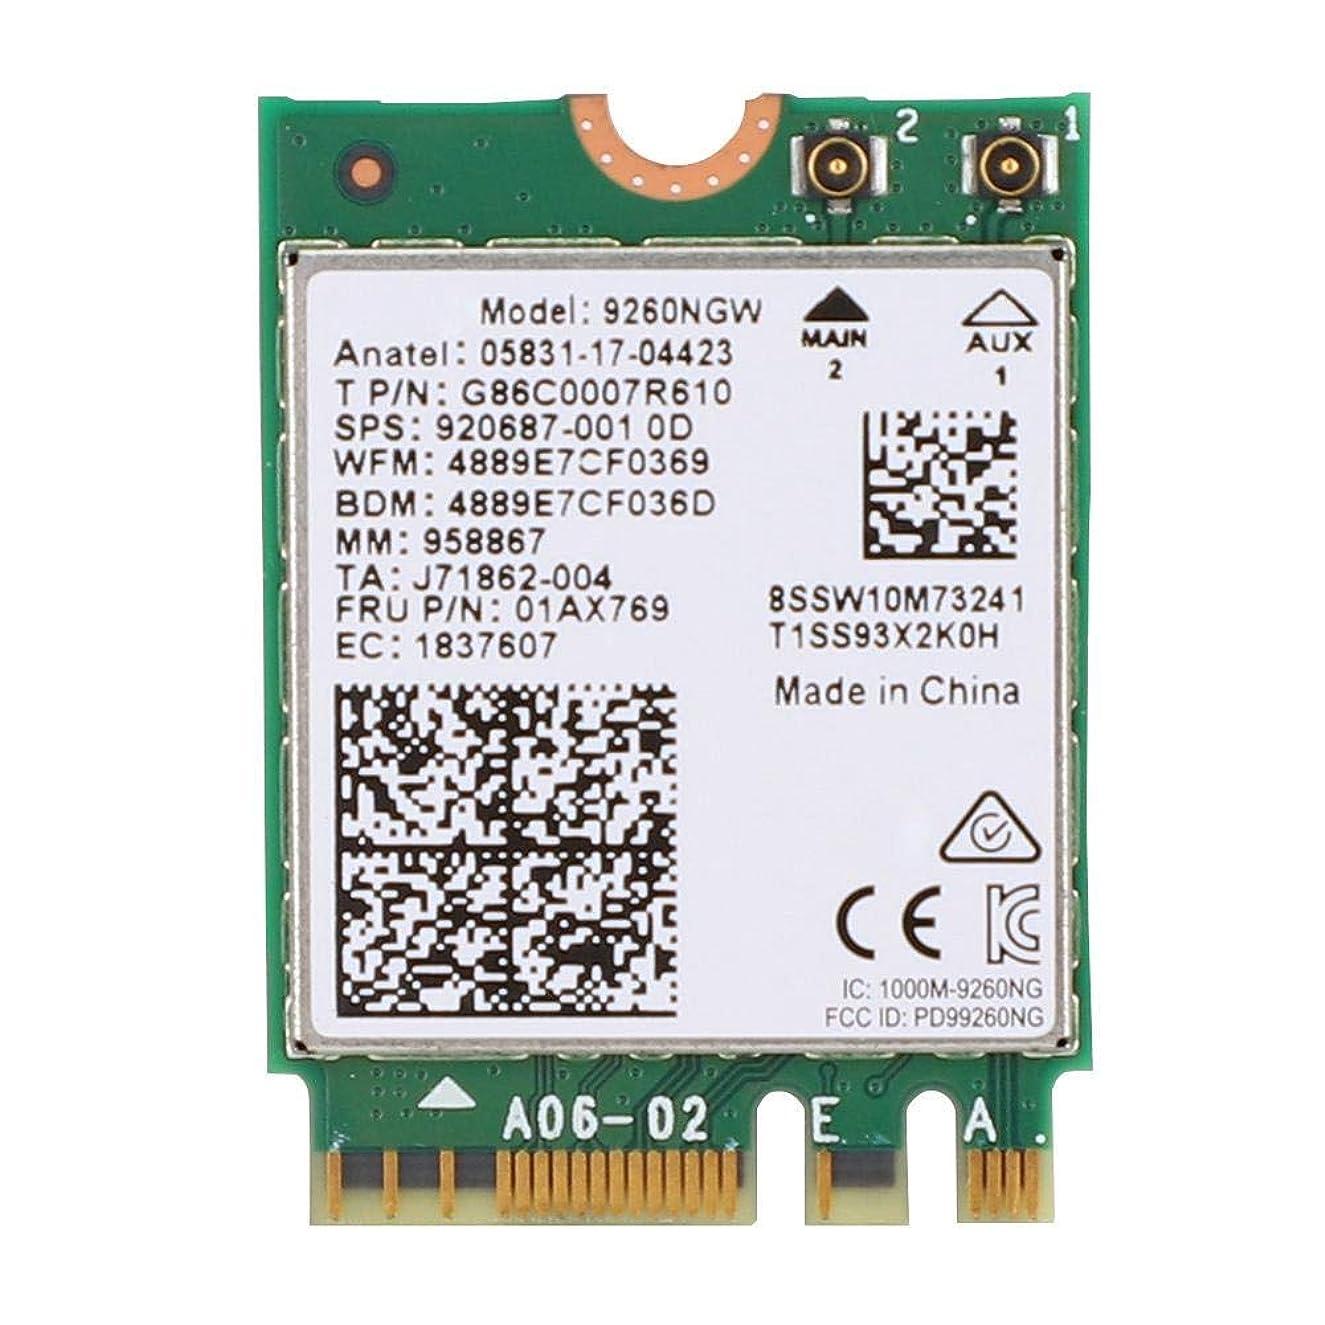 はっきりと落胆させる余剰ネットワークカード デュアル 2.4G / 5G ポータブル WIFIカード 2dB NGFF/M.2アンテナ付き 1.73Gbps 802.11AC ネットワークアダプター デスクトップ/オールインワン/広告機/ノートブックなど用